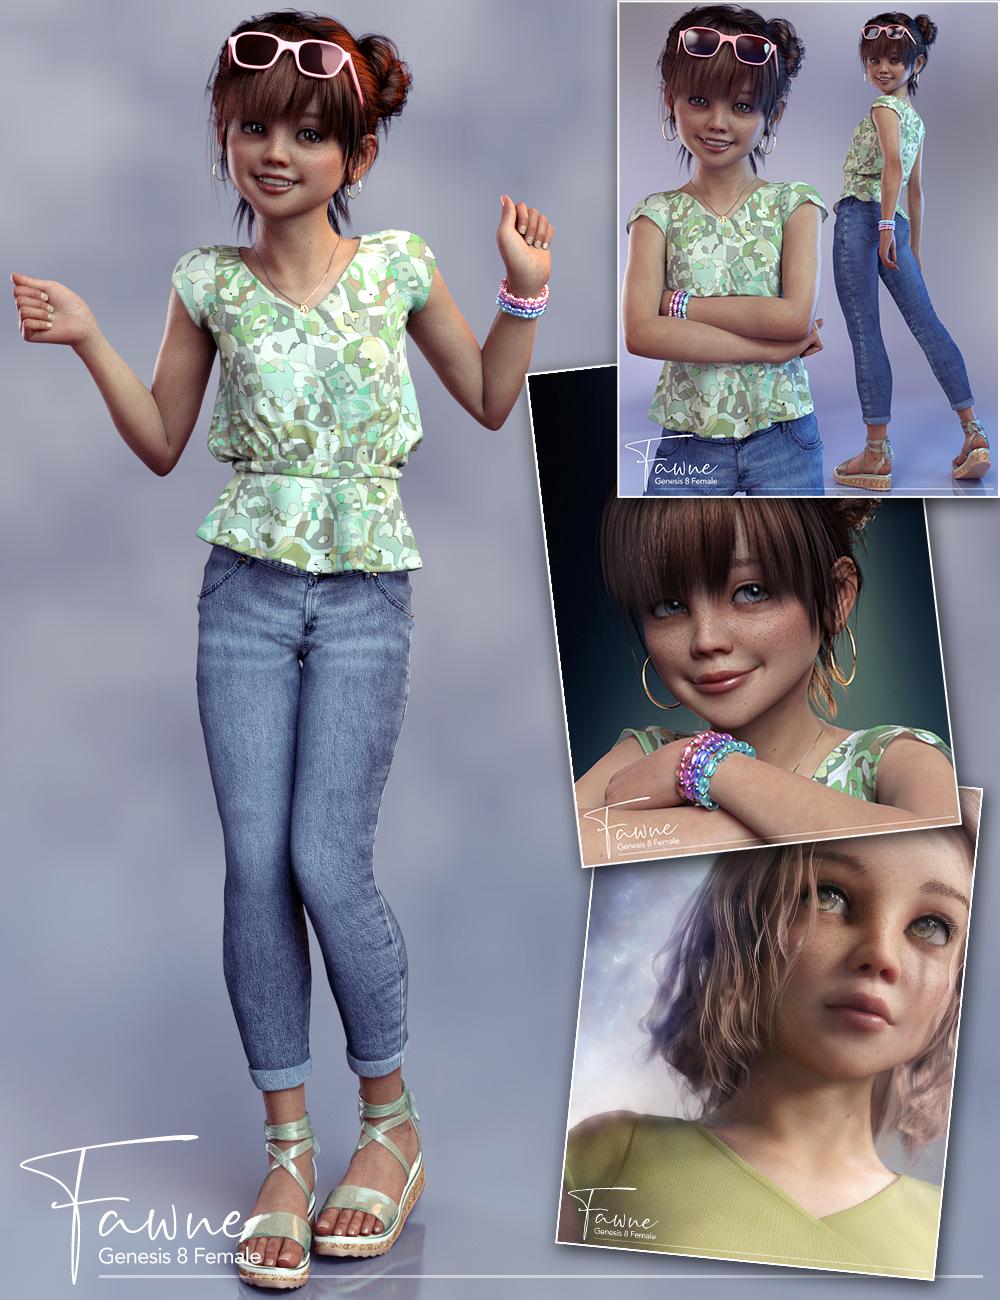 Fawne Bundle for Genesis 8 Female(s) by: 3D Universe, 3D Models by Daz 3D